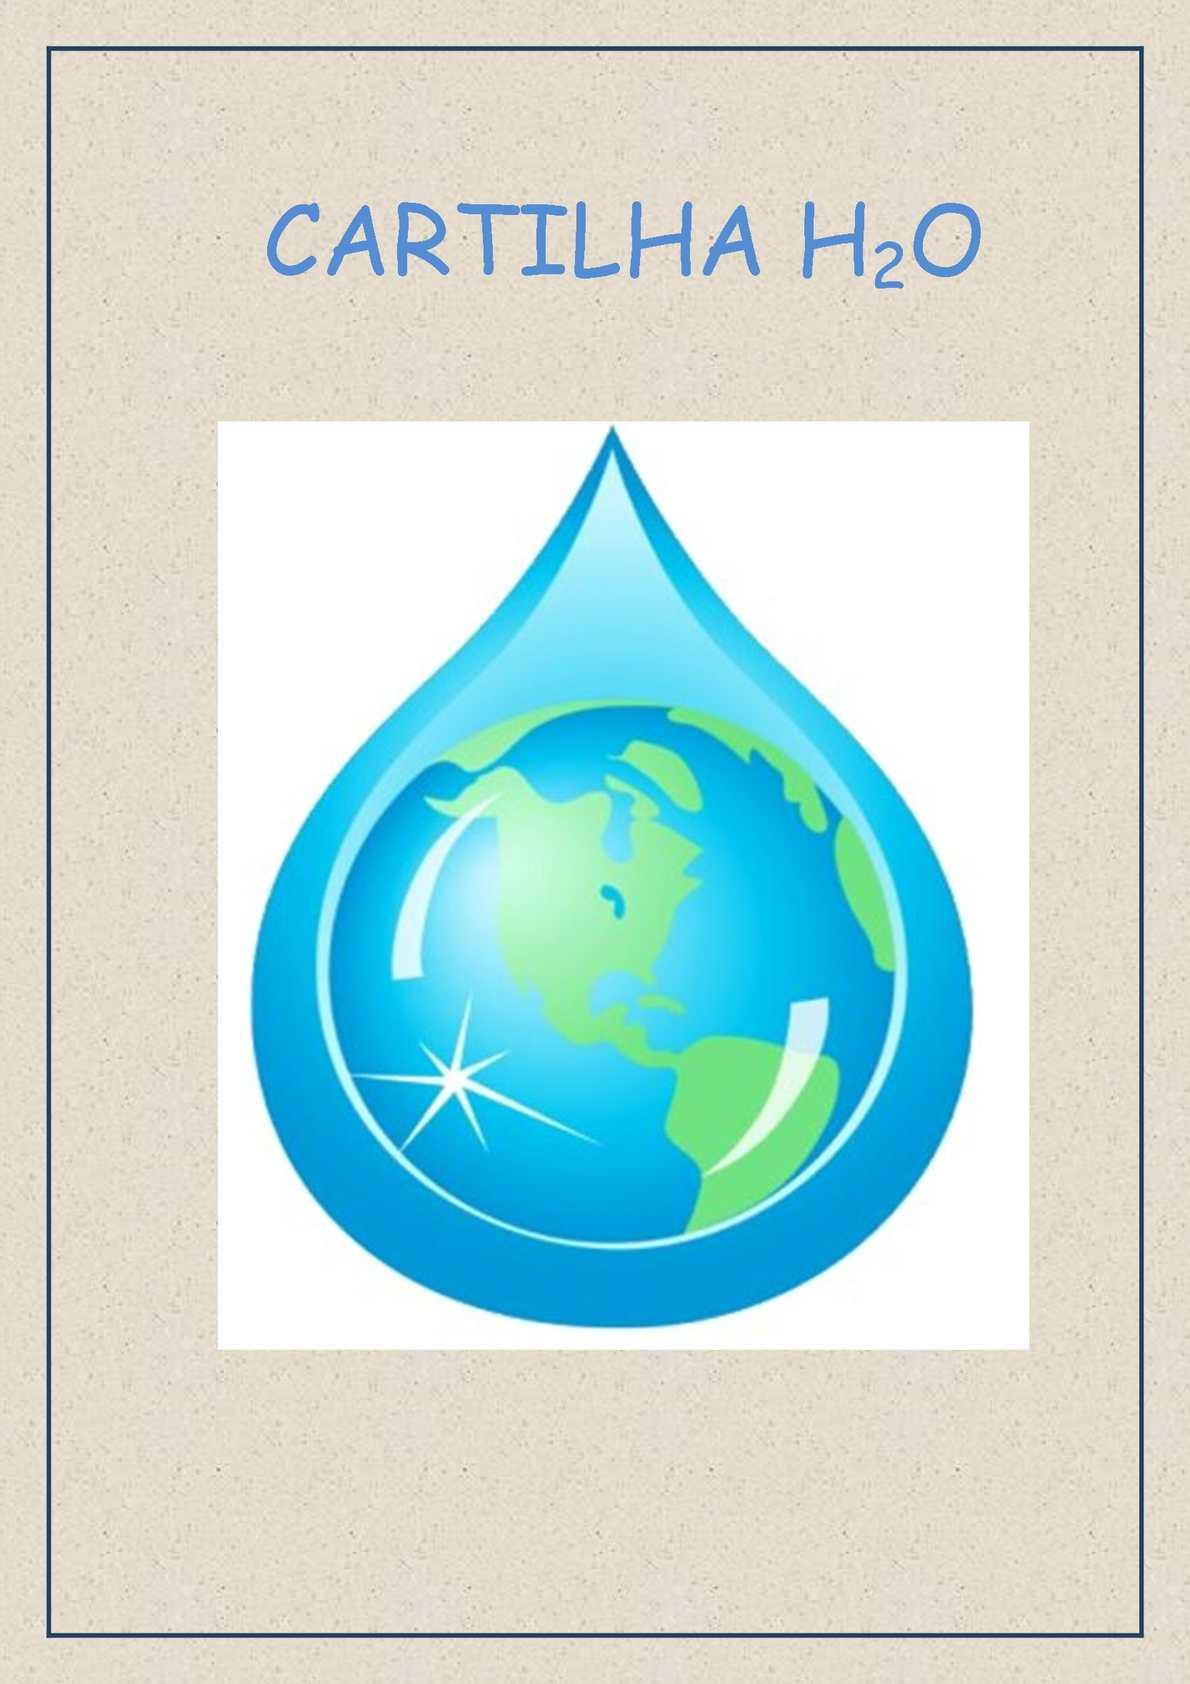 Cartilha H2o